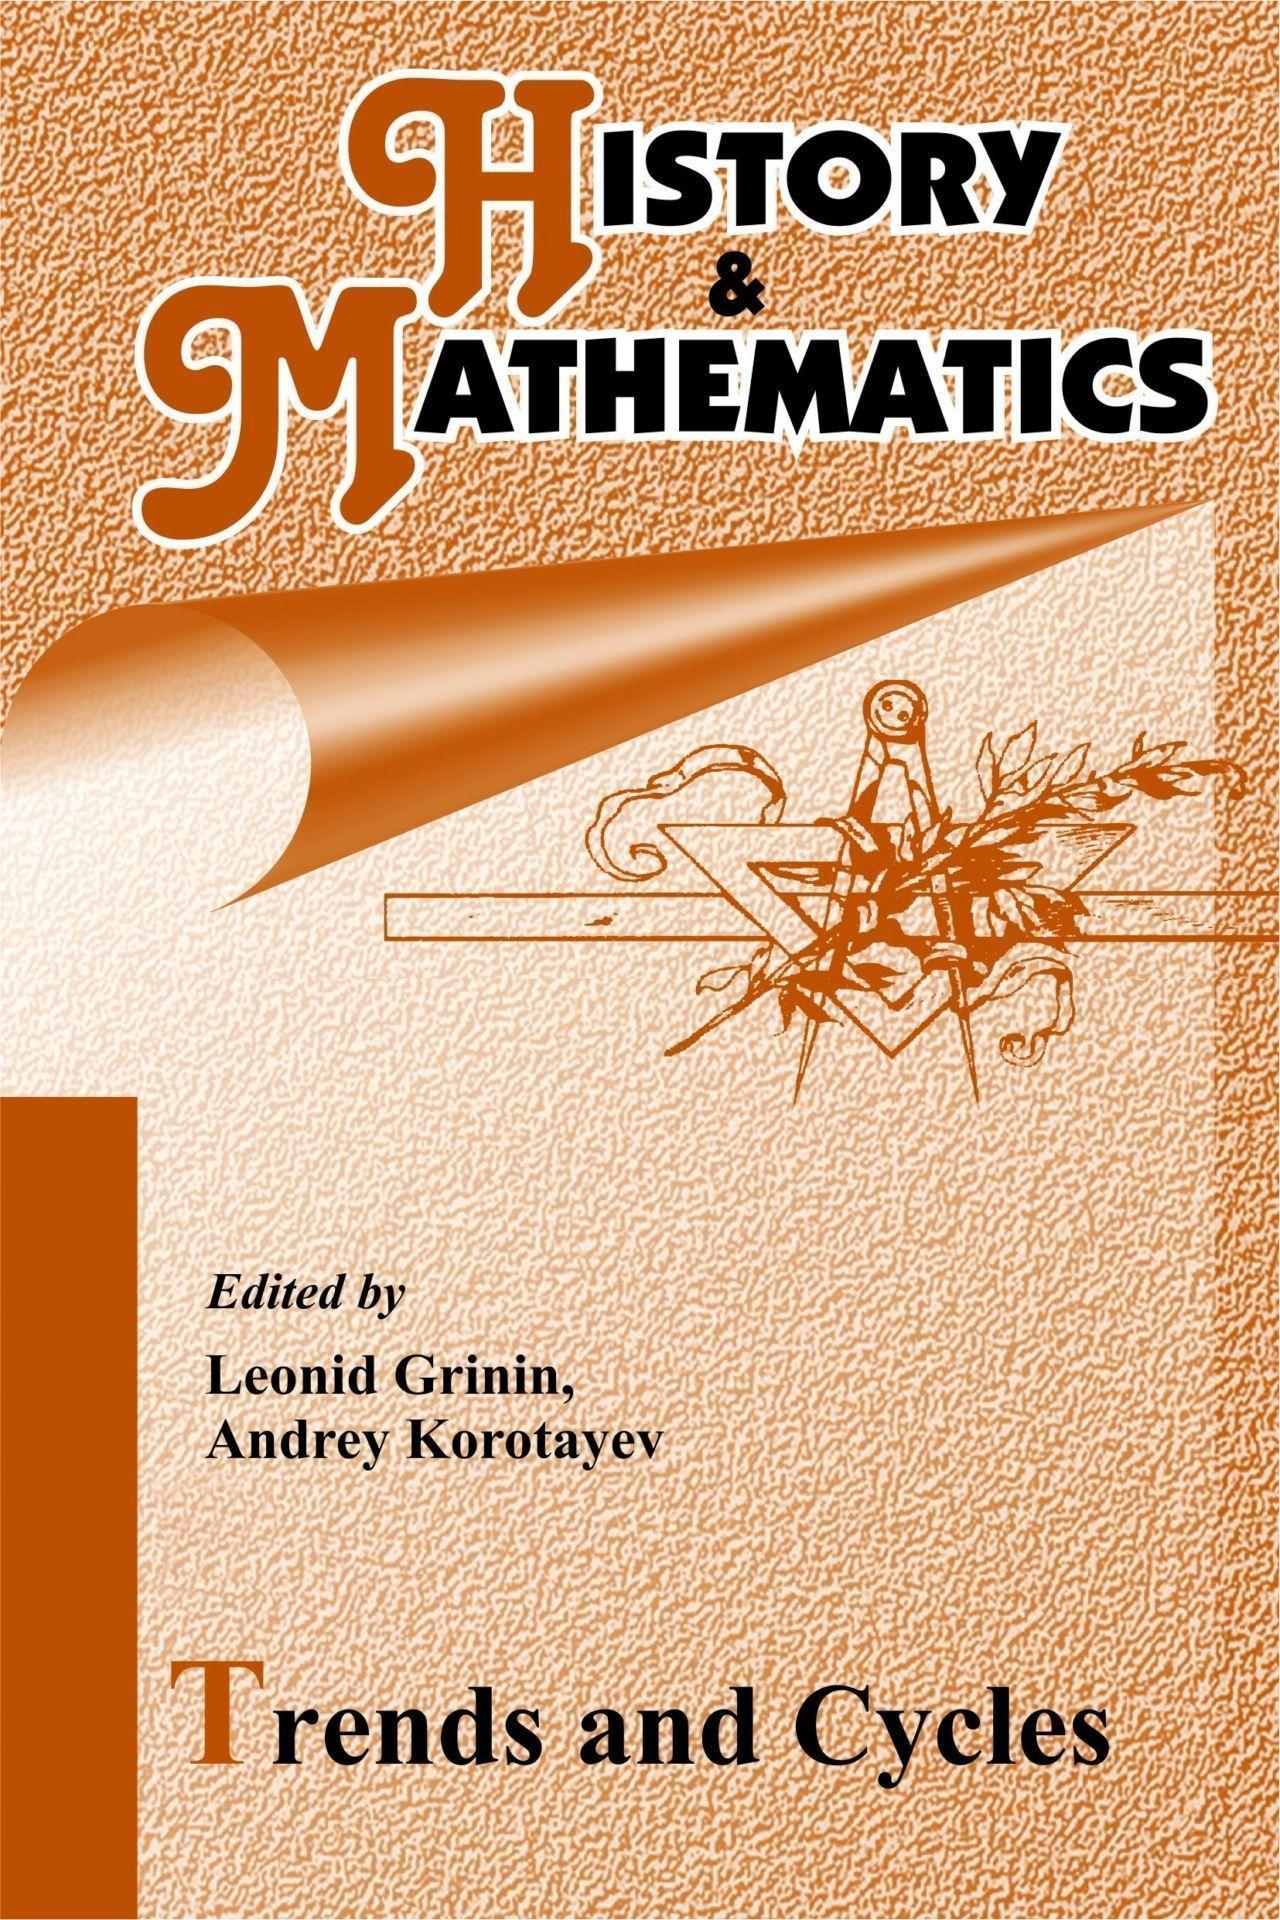 History &amp; Mathematics: Trends and Cycles. Yearbook. 2014Альманахи<br>Настоящий ежегодник (четвертый в серии) называется «Тренды и циклы». Он посвящен циклической динамике в обществе и природе; особое внимание уделено экономическим и демографическим объектам, в частности математическому моделированию динамики мальтузианской...<br><br>Авторы: Grinin Leonid, Korotayev Andrey<br>Год: 2014<br>Серия: Для студентов и преподавателей<br>ISBN: 978-5-7057-4223-3<br>Высота: 210<br>Ширина: 140<br>Толщина: 15<br>Переплёт: мягкая, склейка